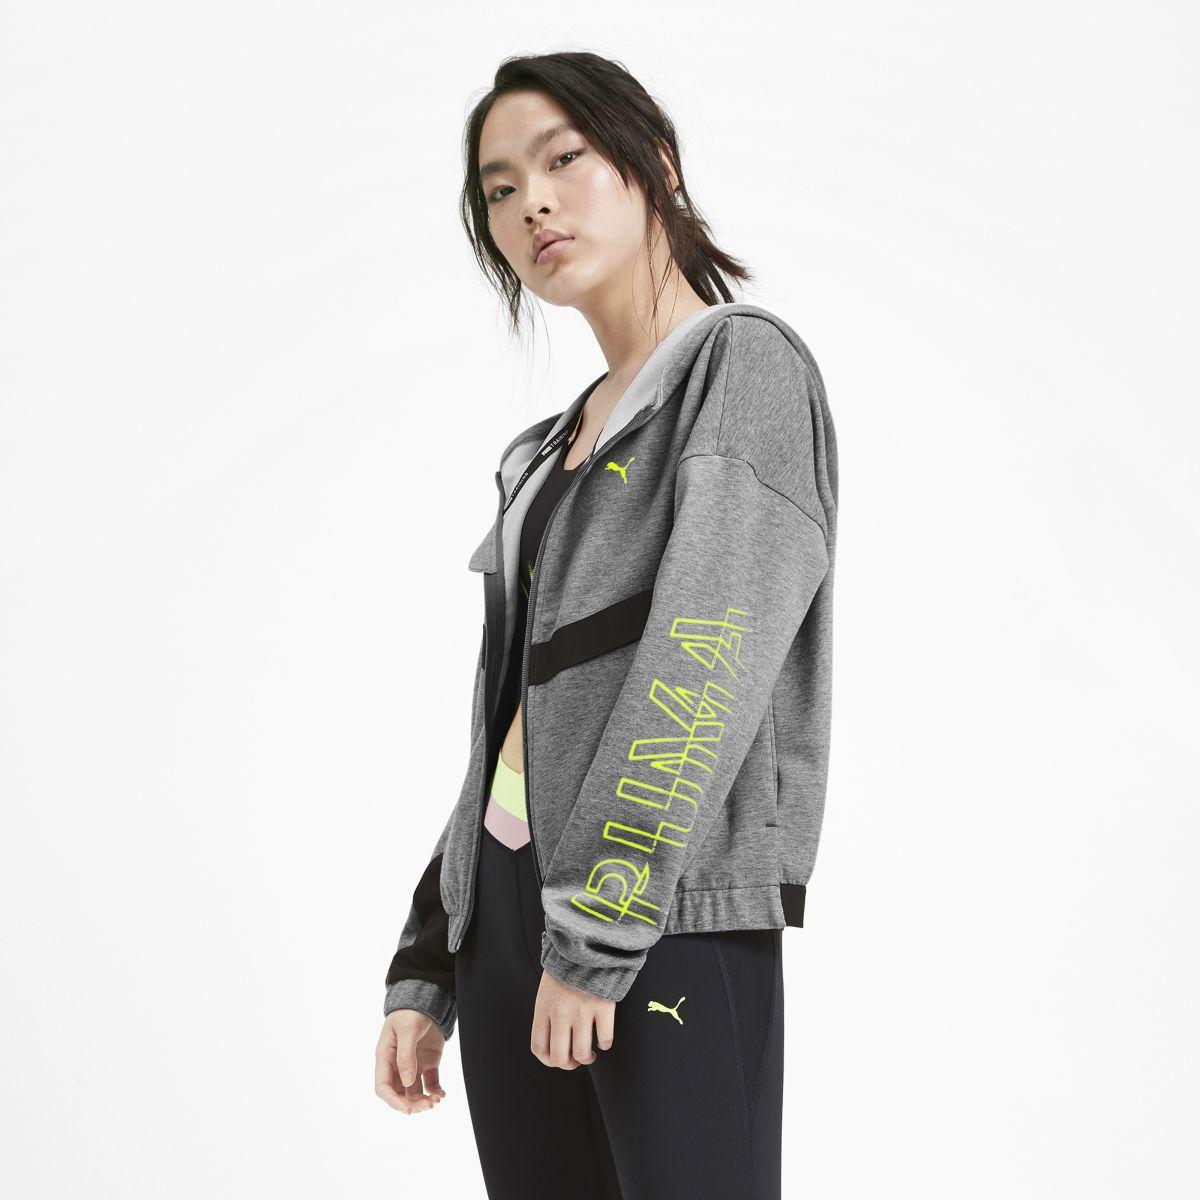 Толстовка PUMA Hit Feel It Sweat Jacket олимпийка мужская puma bmw ms sweat jacket цвет темно синий 57525601 размер l 48 50